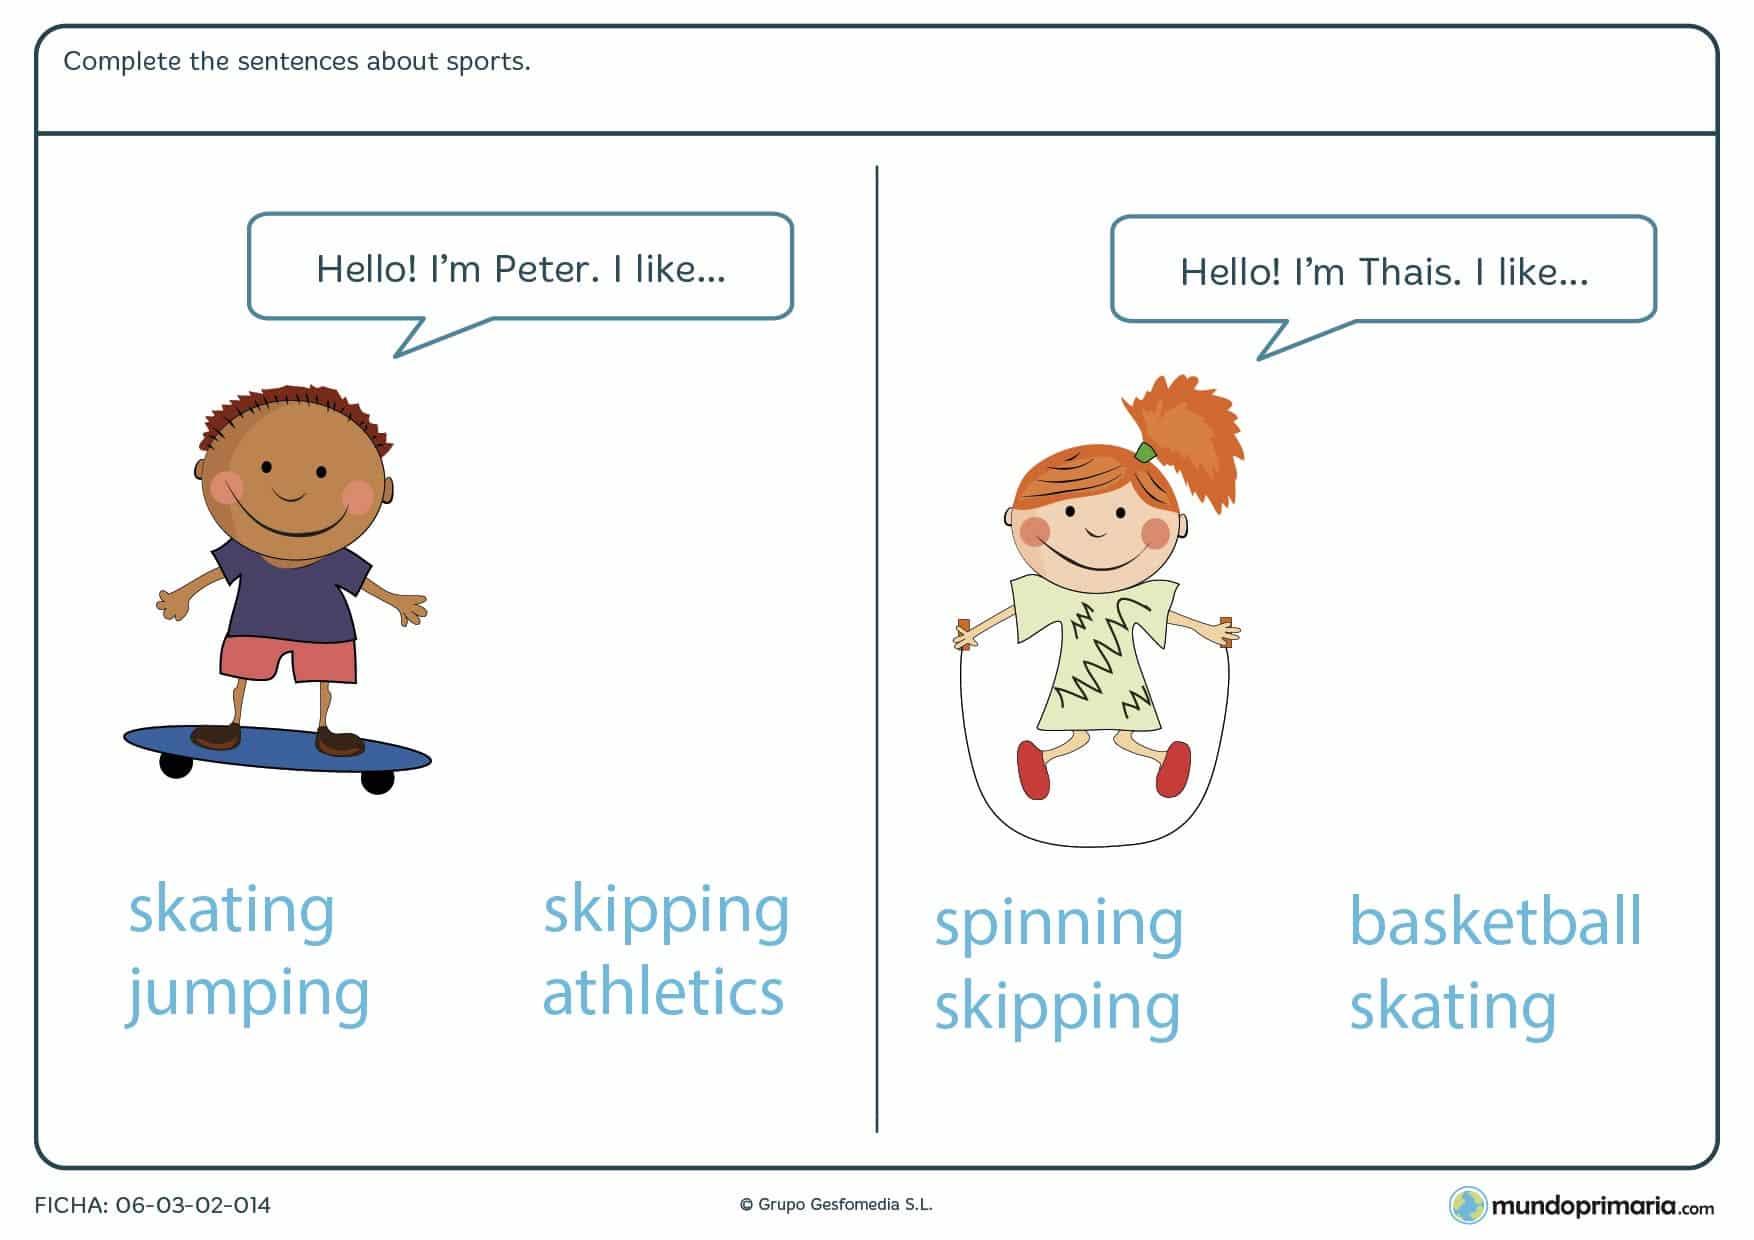 Ficha de seleccionar deportes en inglés para que los alumnos de 4º de Primaria repasen el vocabulario adecuado para su edad en inglés.